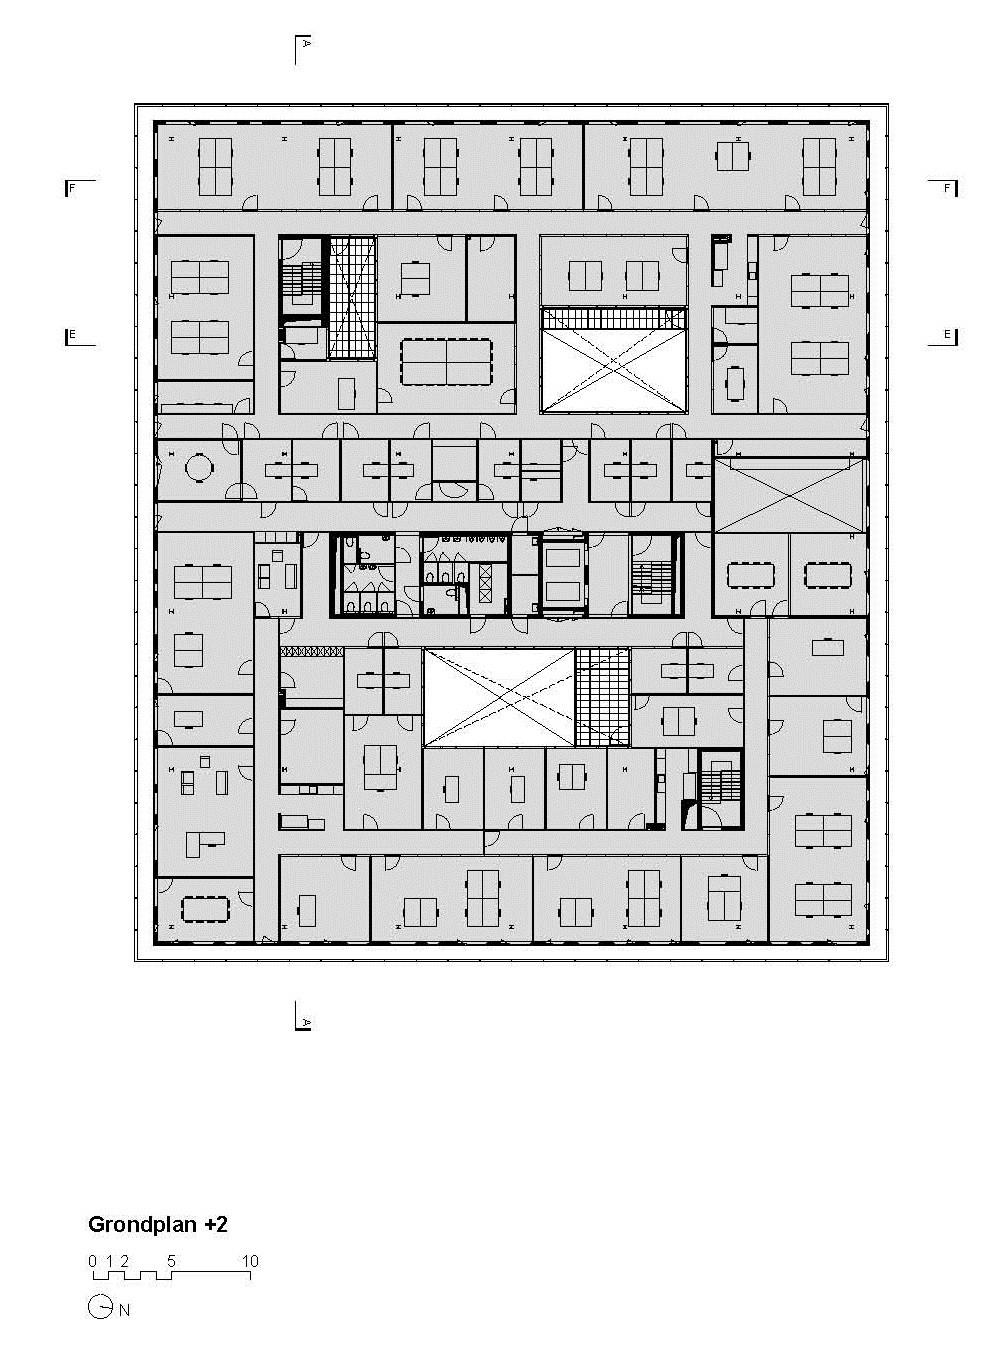 schematic generator wiring schematic politiecommissariaat brugge second floor plan [ 996 x 1352 Pixel ]